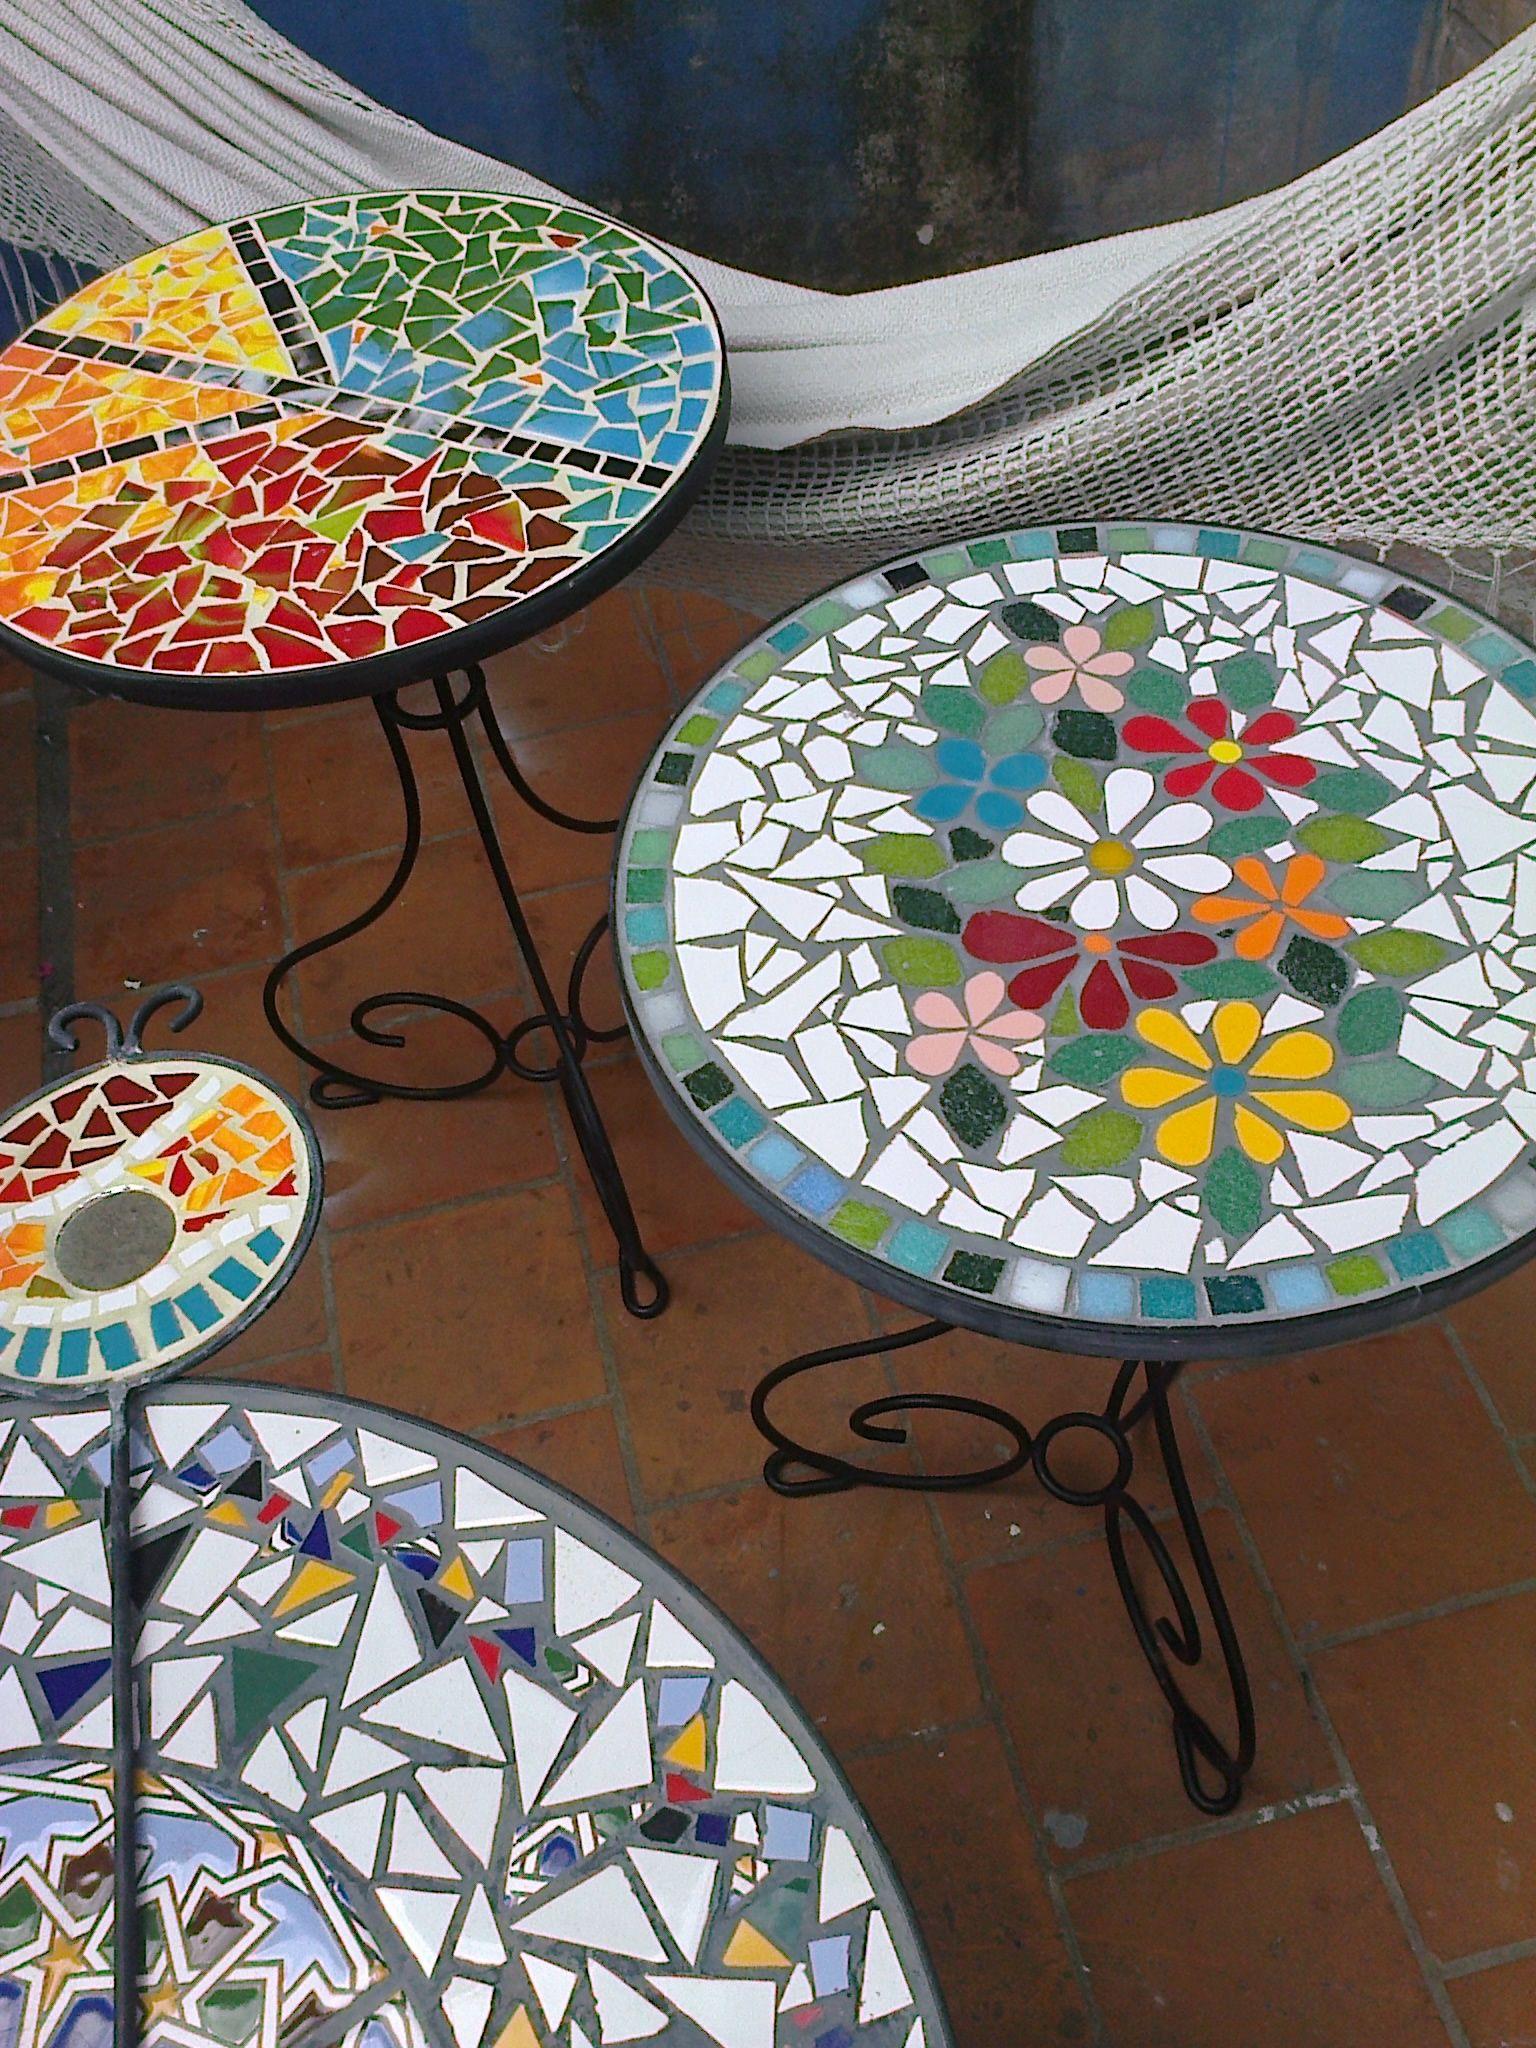 Pin de Λουκα Μαρια en Μωσαϊκά   Pinterest   Mosaicos, Mesas y Mesa ...